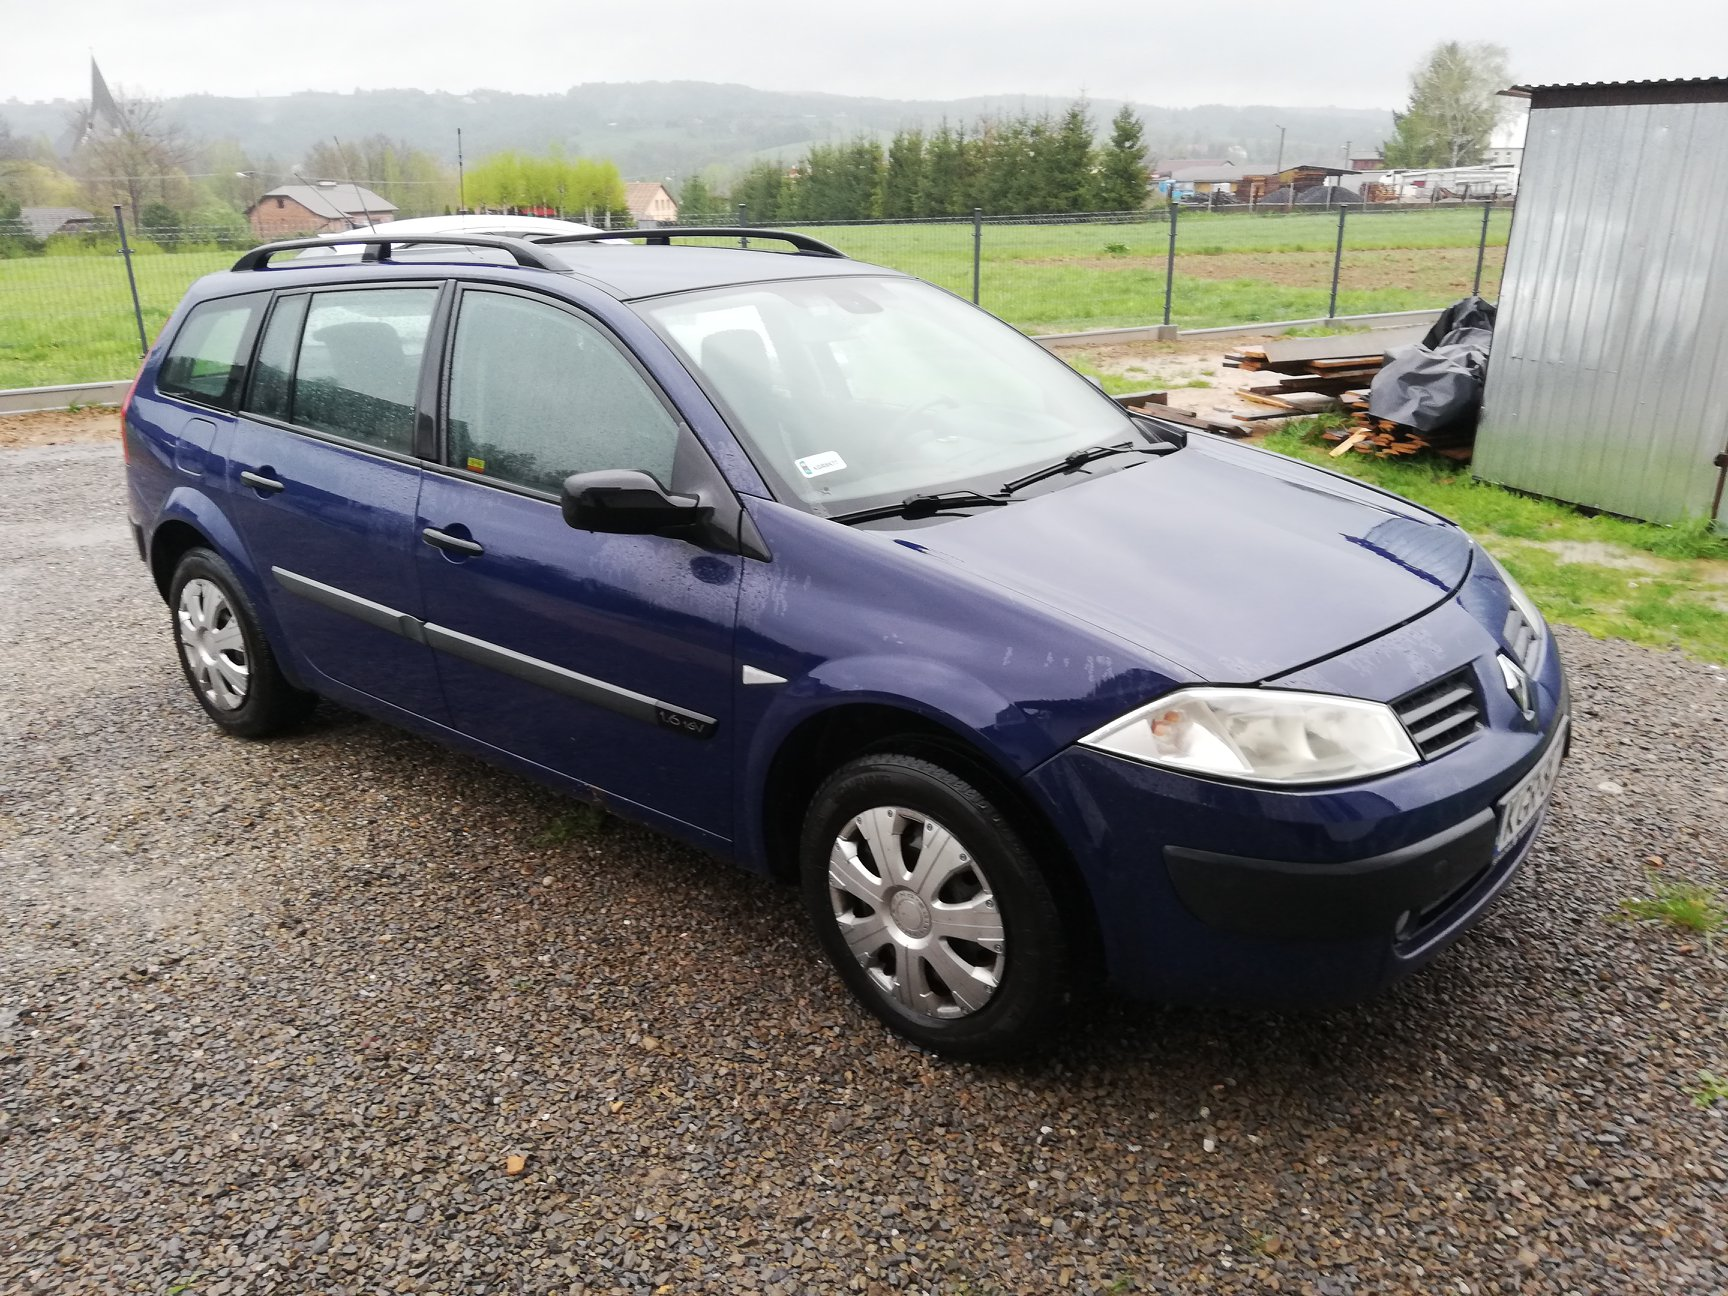 SPRZEDAM!!! Sprzedam Renault Megane II z 2005 roku 1.6 16v …